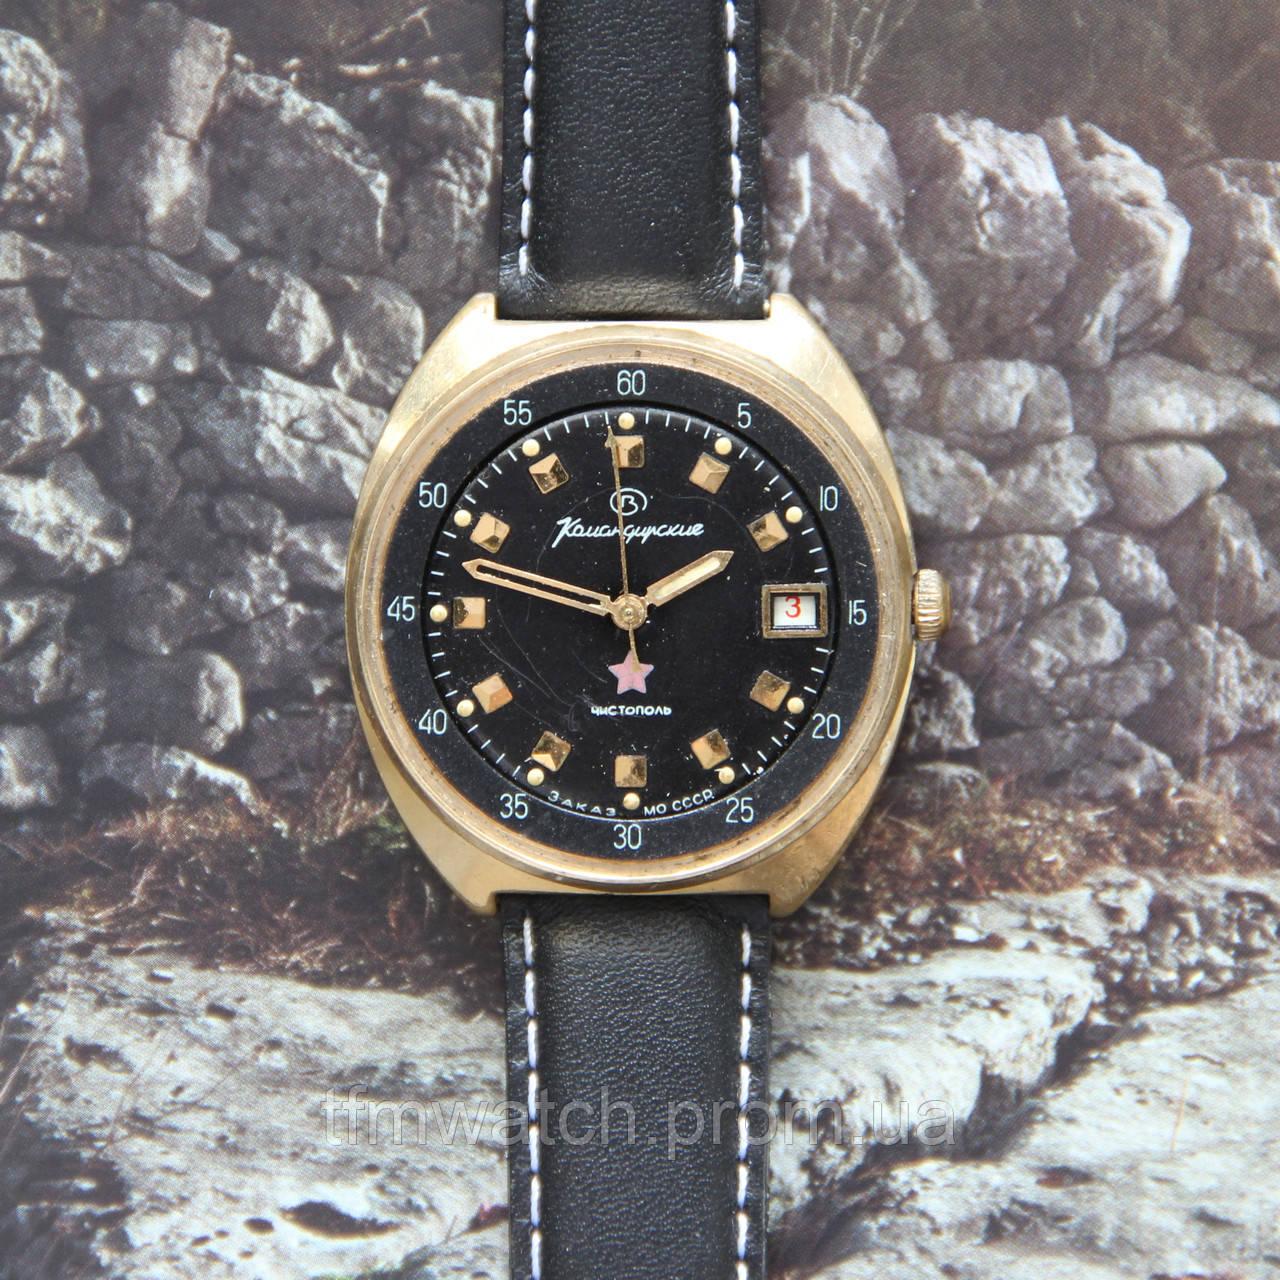 Часы восток новые командирские купить мужские часы наручные недорогие классические